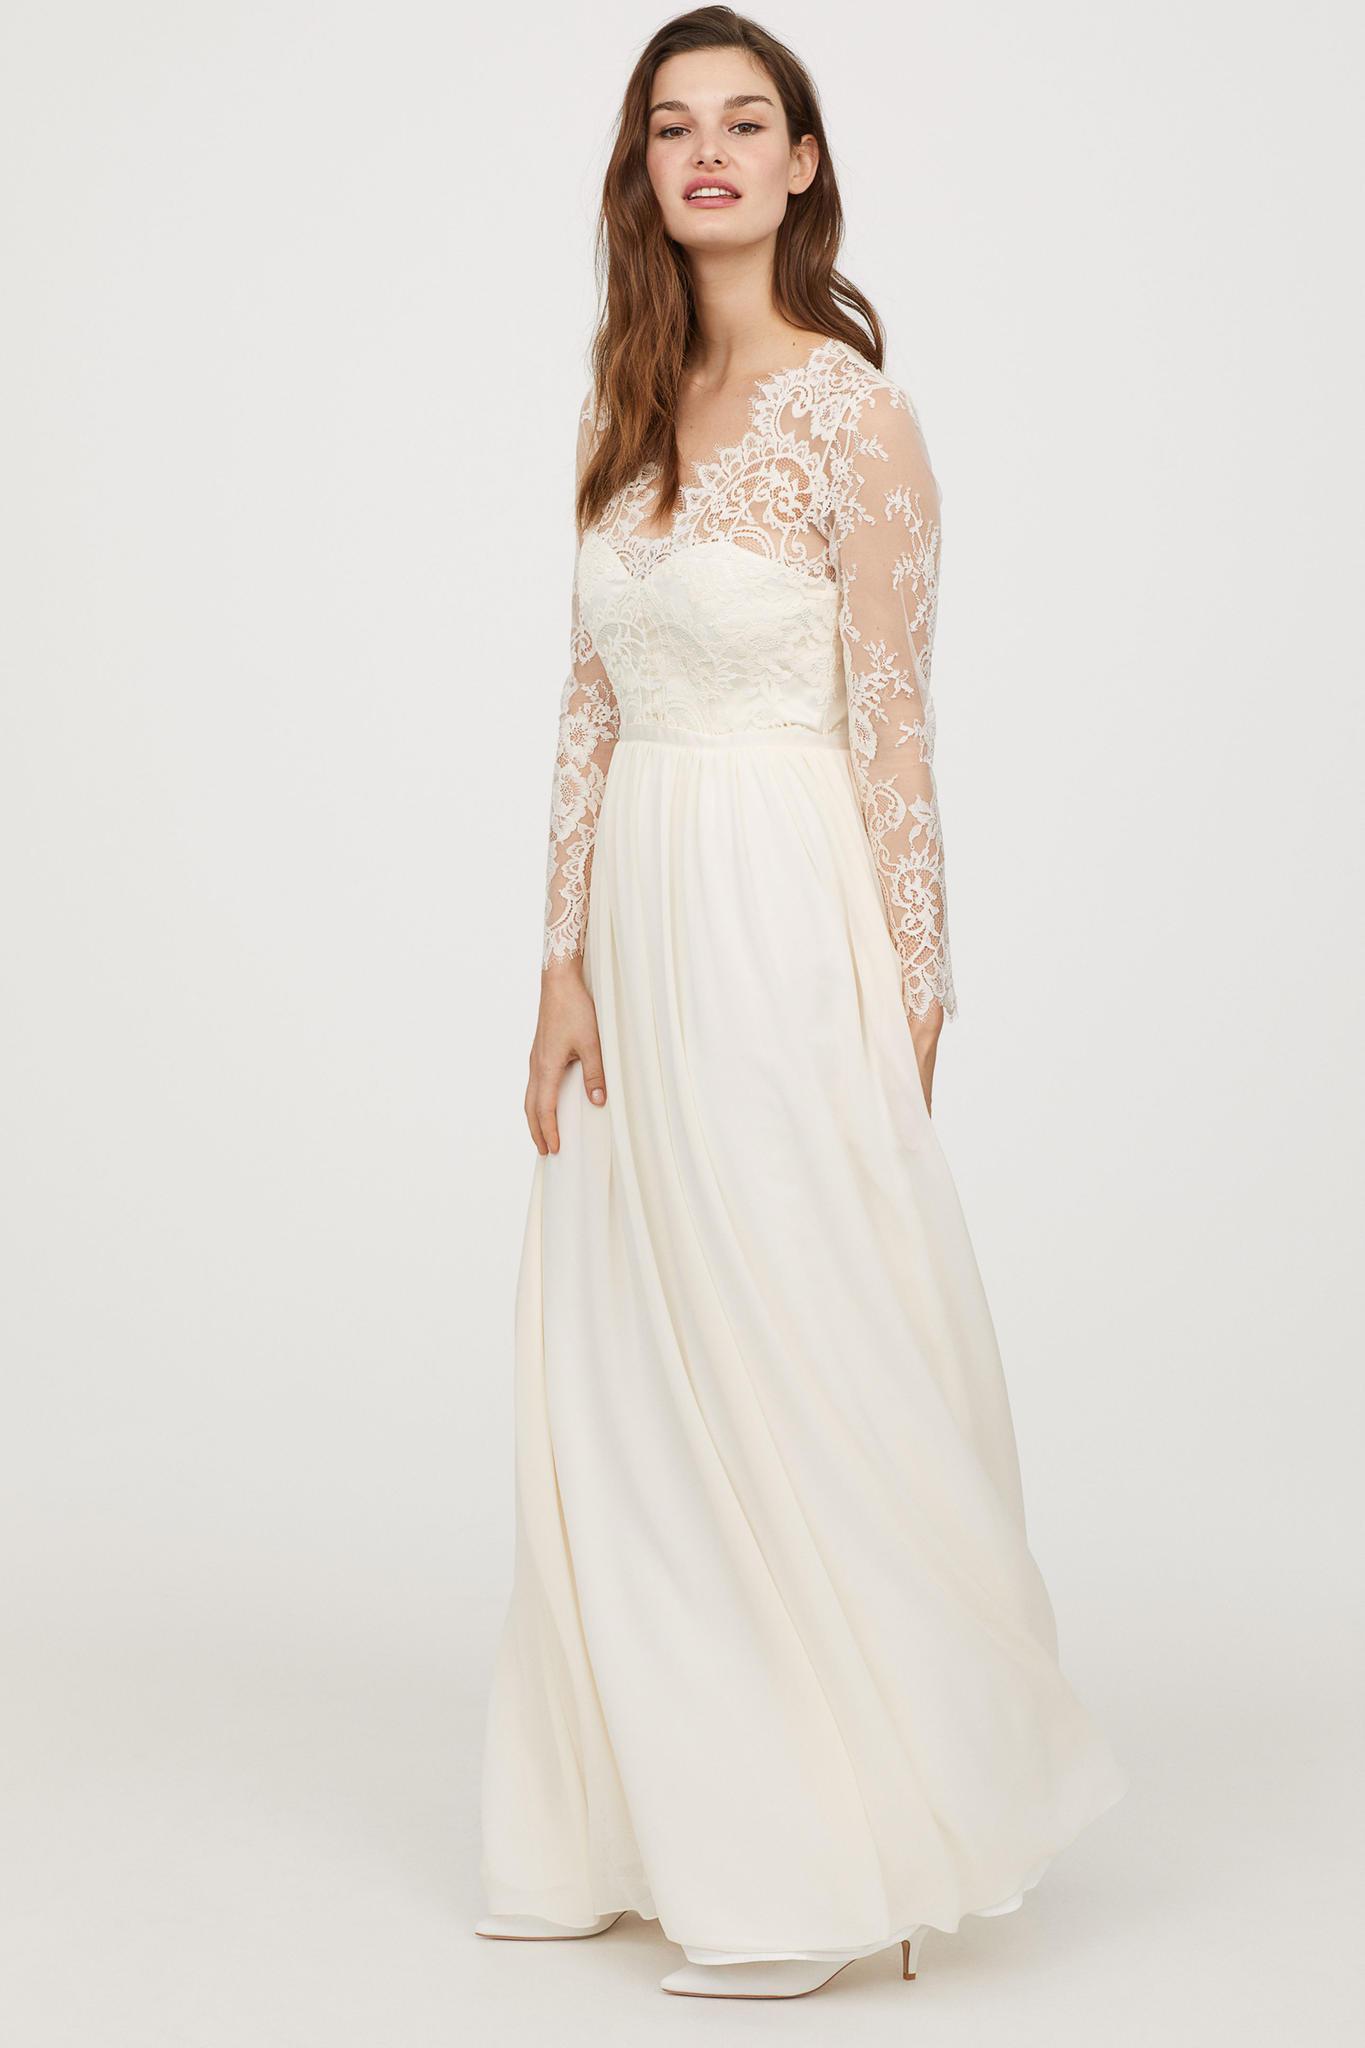 Hochzeitskleid M  Herzogin Catherine Ihr Brautkleid wird von H&M kopiert